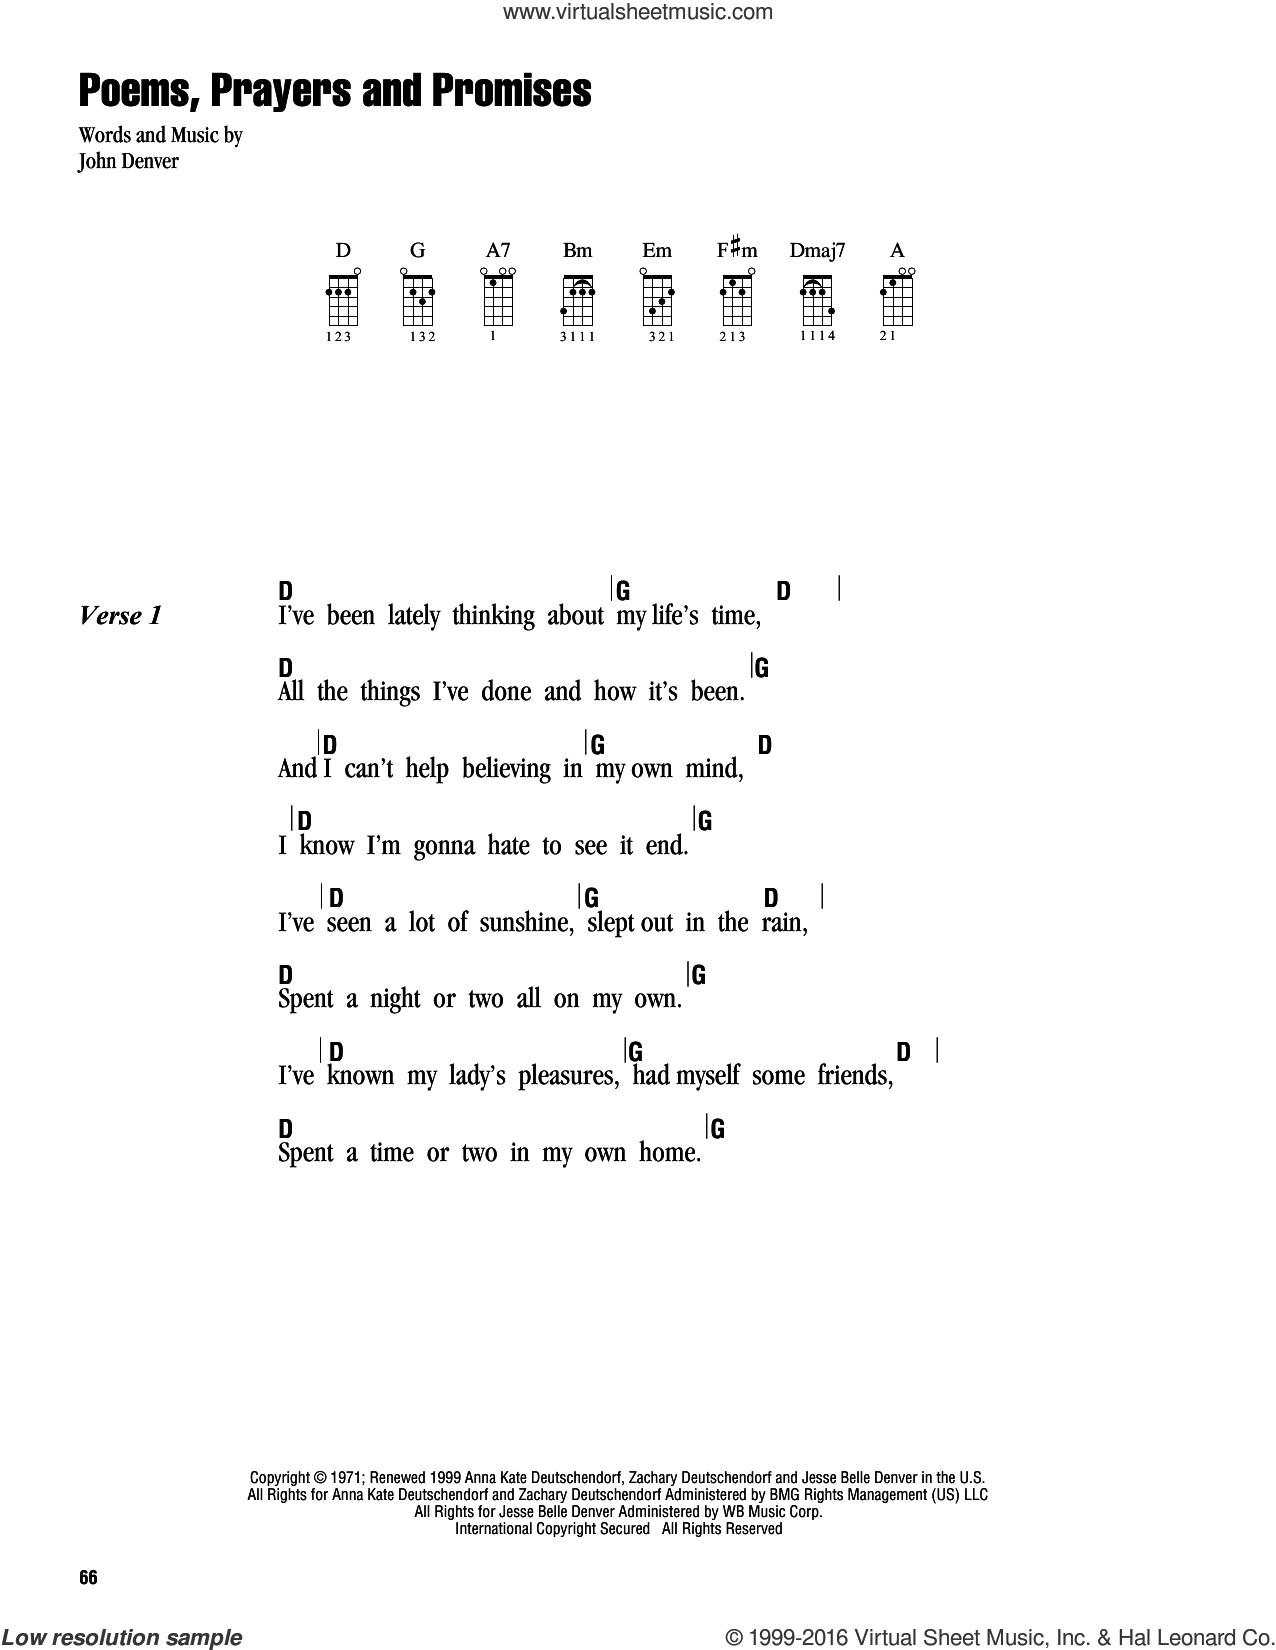 Poems, Prayers And Promises sheet music for ukulele (chords) by John Denver, intermediate skill level